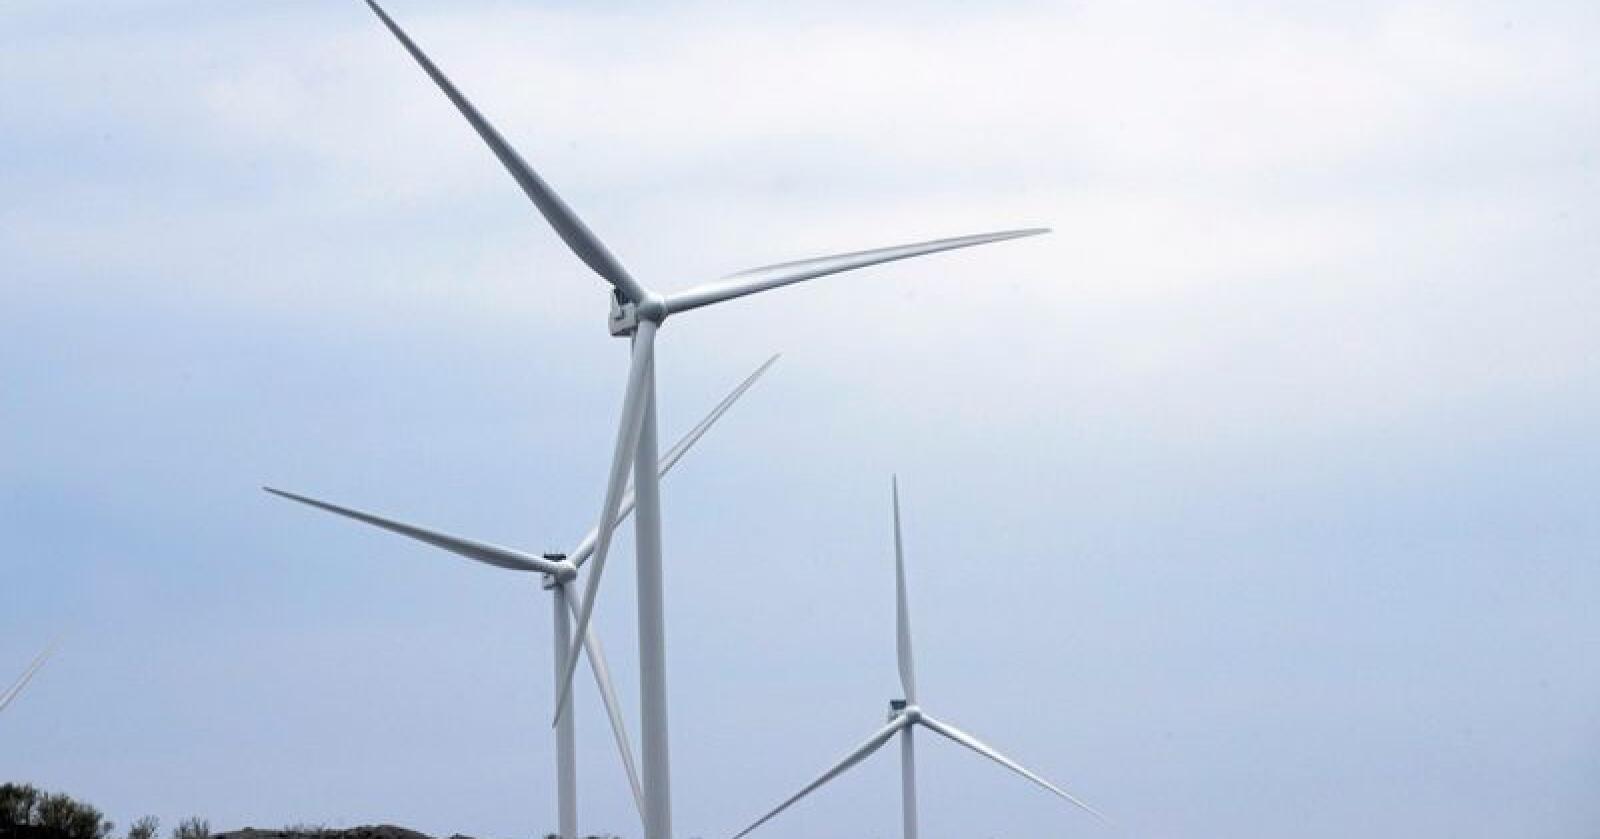 Flest svarer at de er positive til vindmøller i ny undersøkelse, men kun dersom de ikke er synlige i tur- og boligområdet. Foto: Terje Pedersen / NTB scanpix